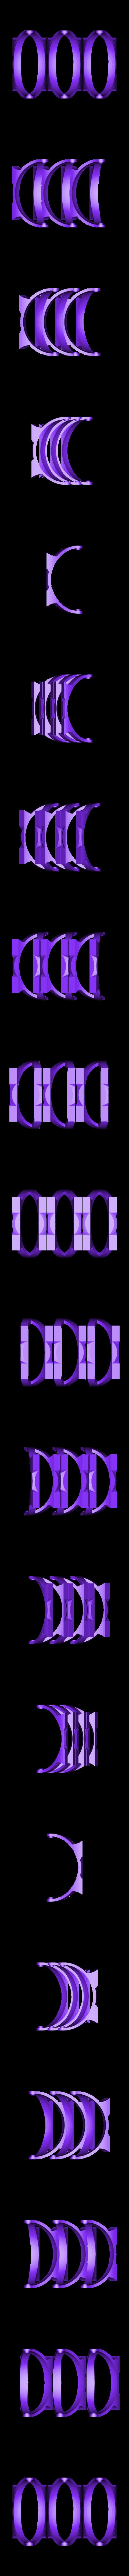 3_Bases.stl Télécharger fichier STL gratuit Plaques de montage gyroscopiques à cardan • Plan pour impression 3D, Bolnarb